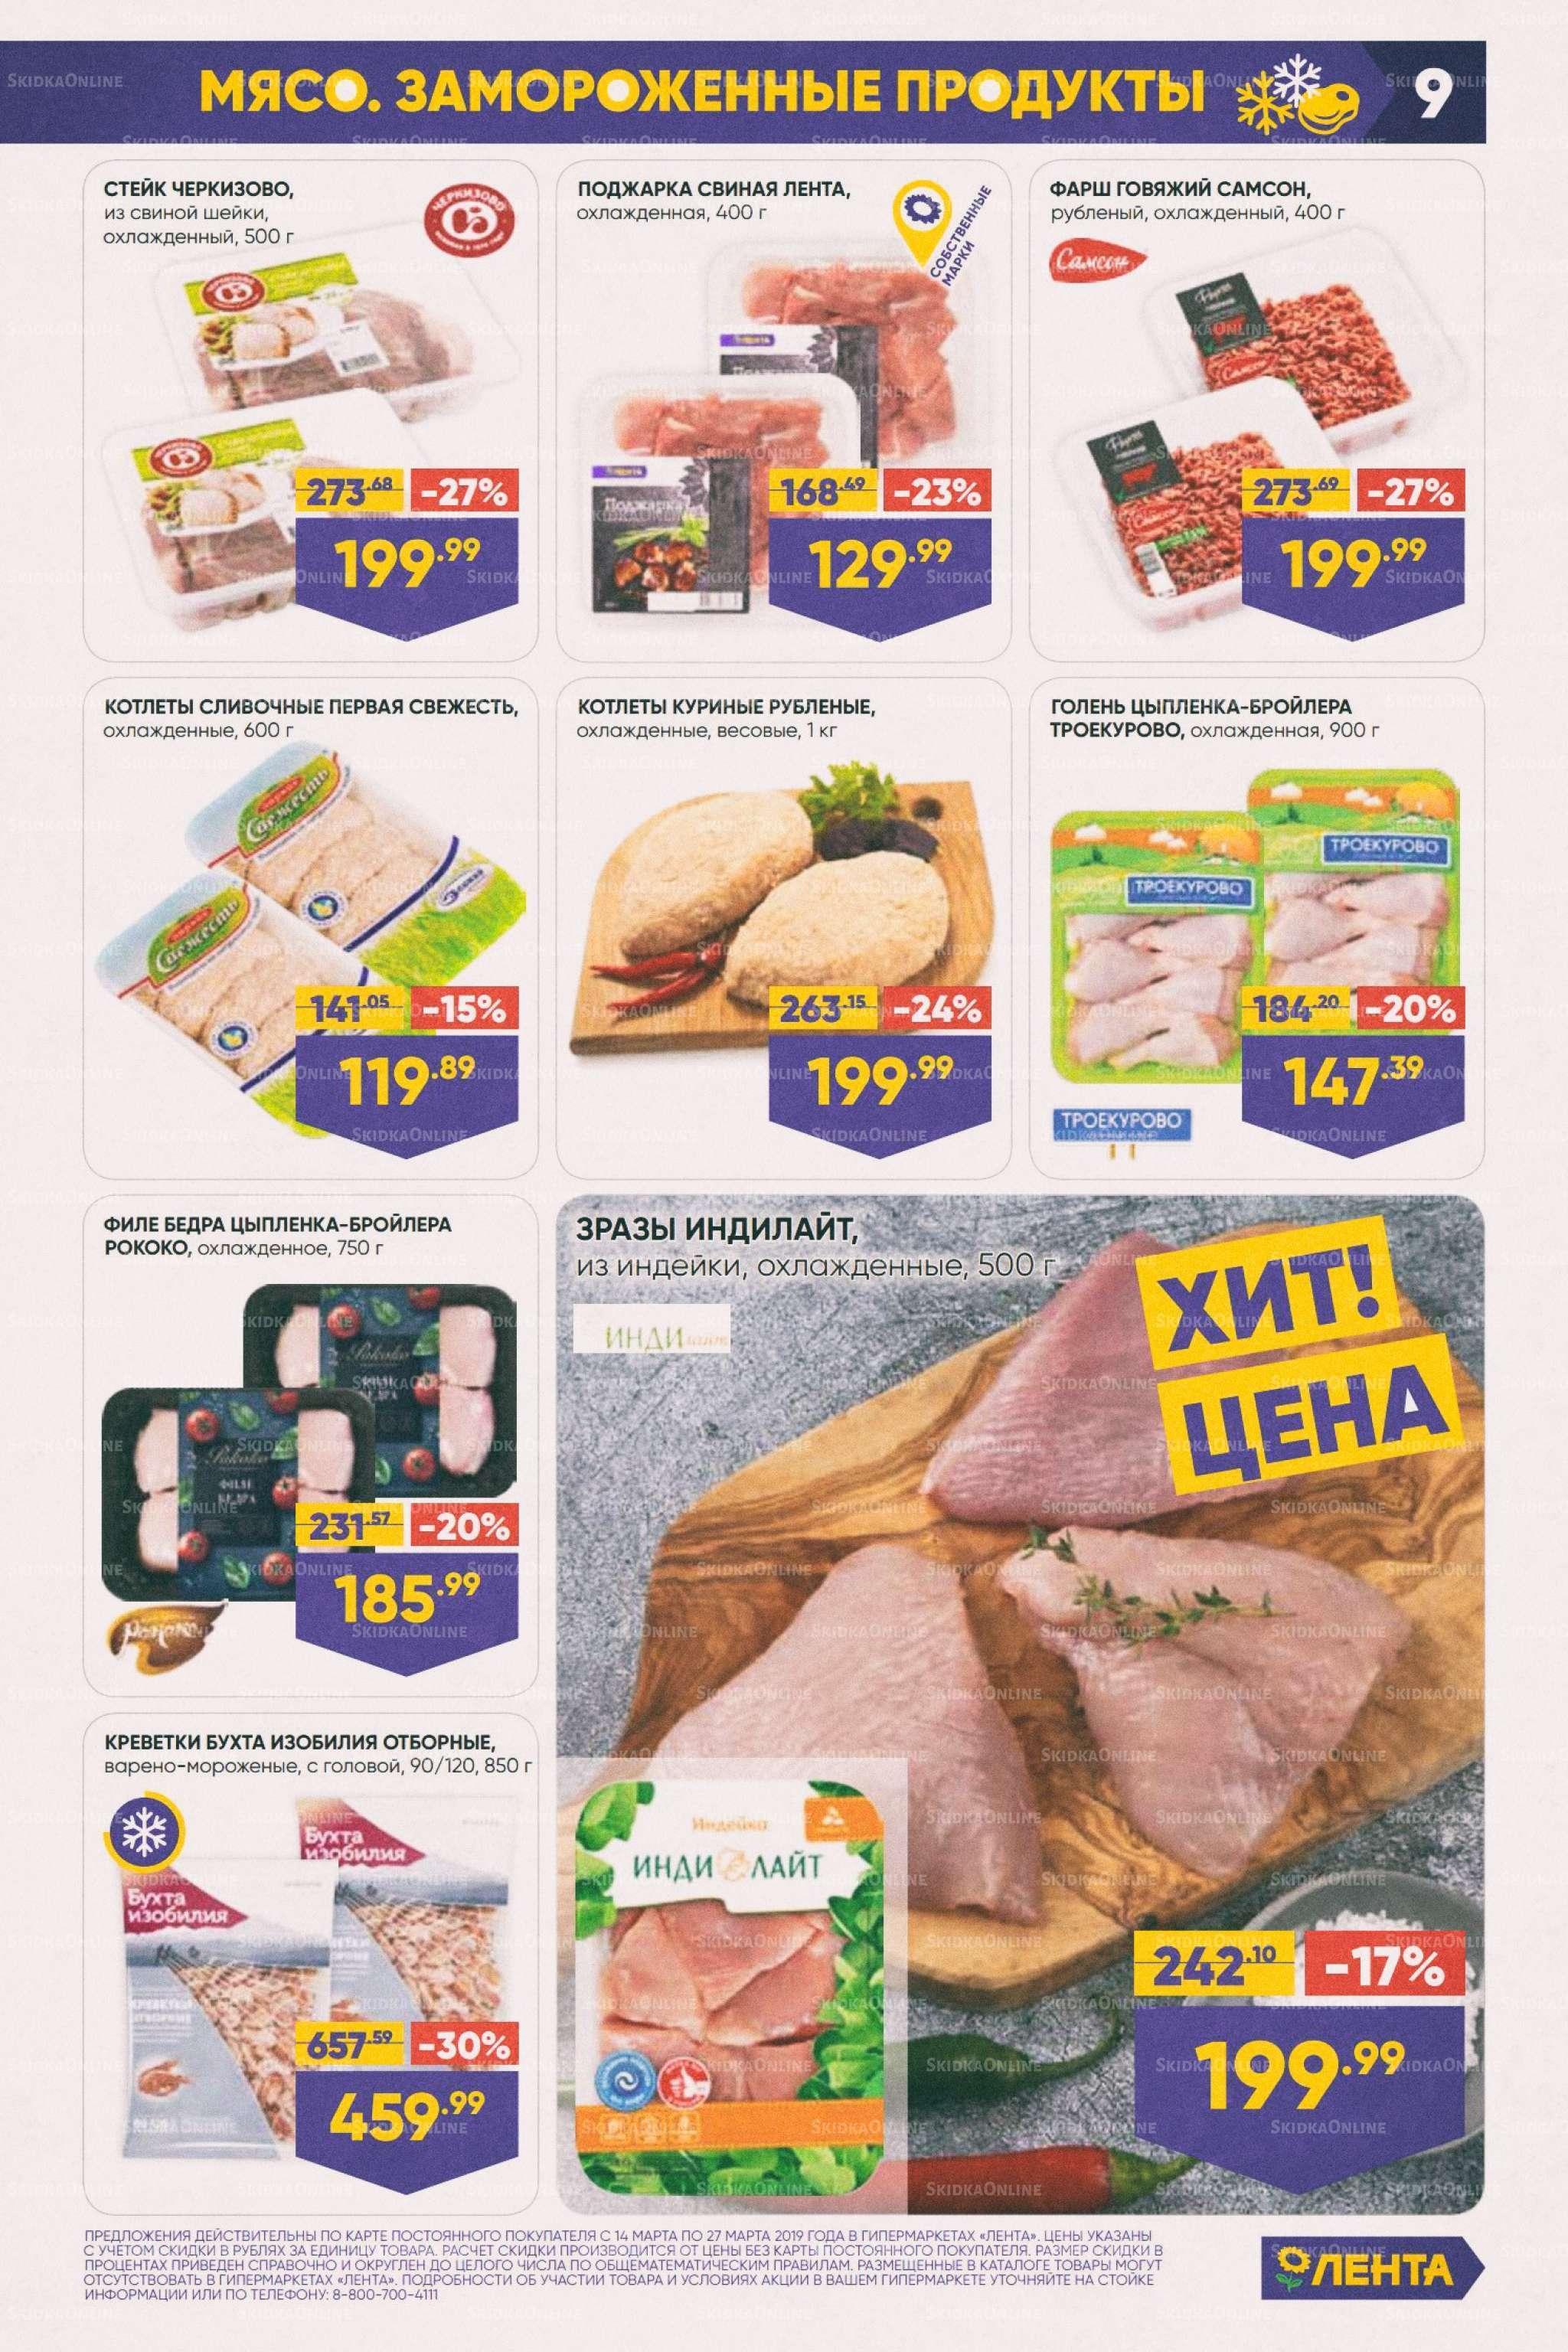 Акции в Ленте с 14 по 27 марта 2019 года